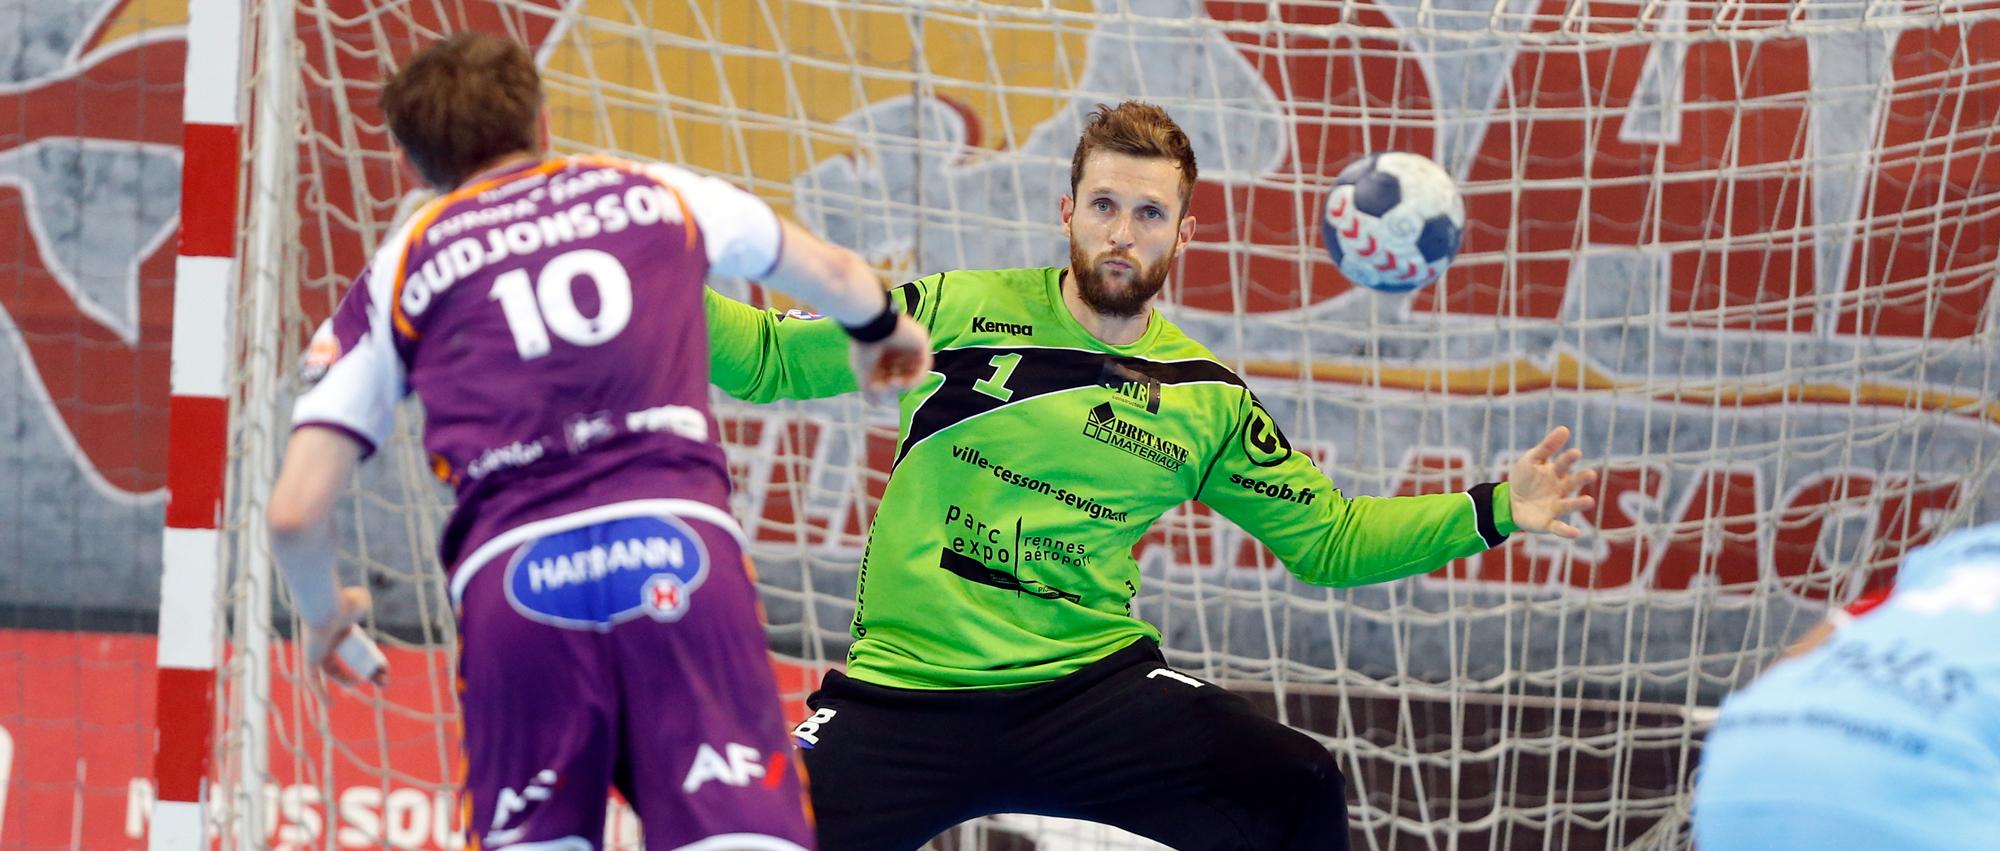 Mickaël Robin, ici face au sélestadien Snorri Guðjónsson, a passé 2 saisons sous les couleurs de Cesson-Rennes (2014 à 2016).